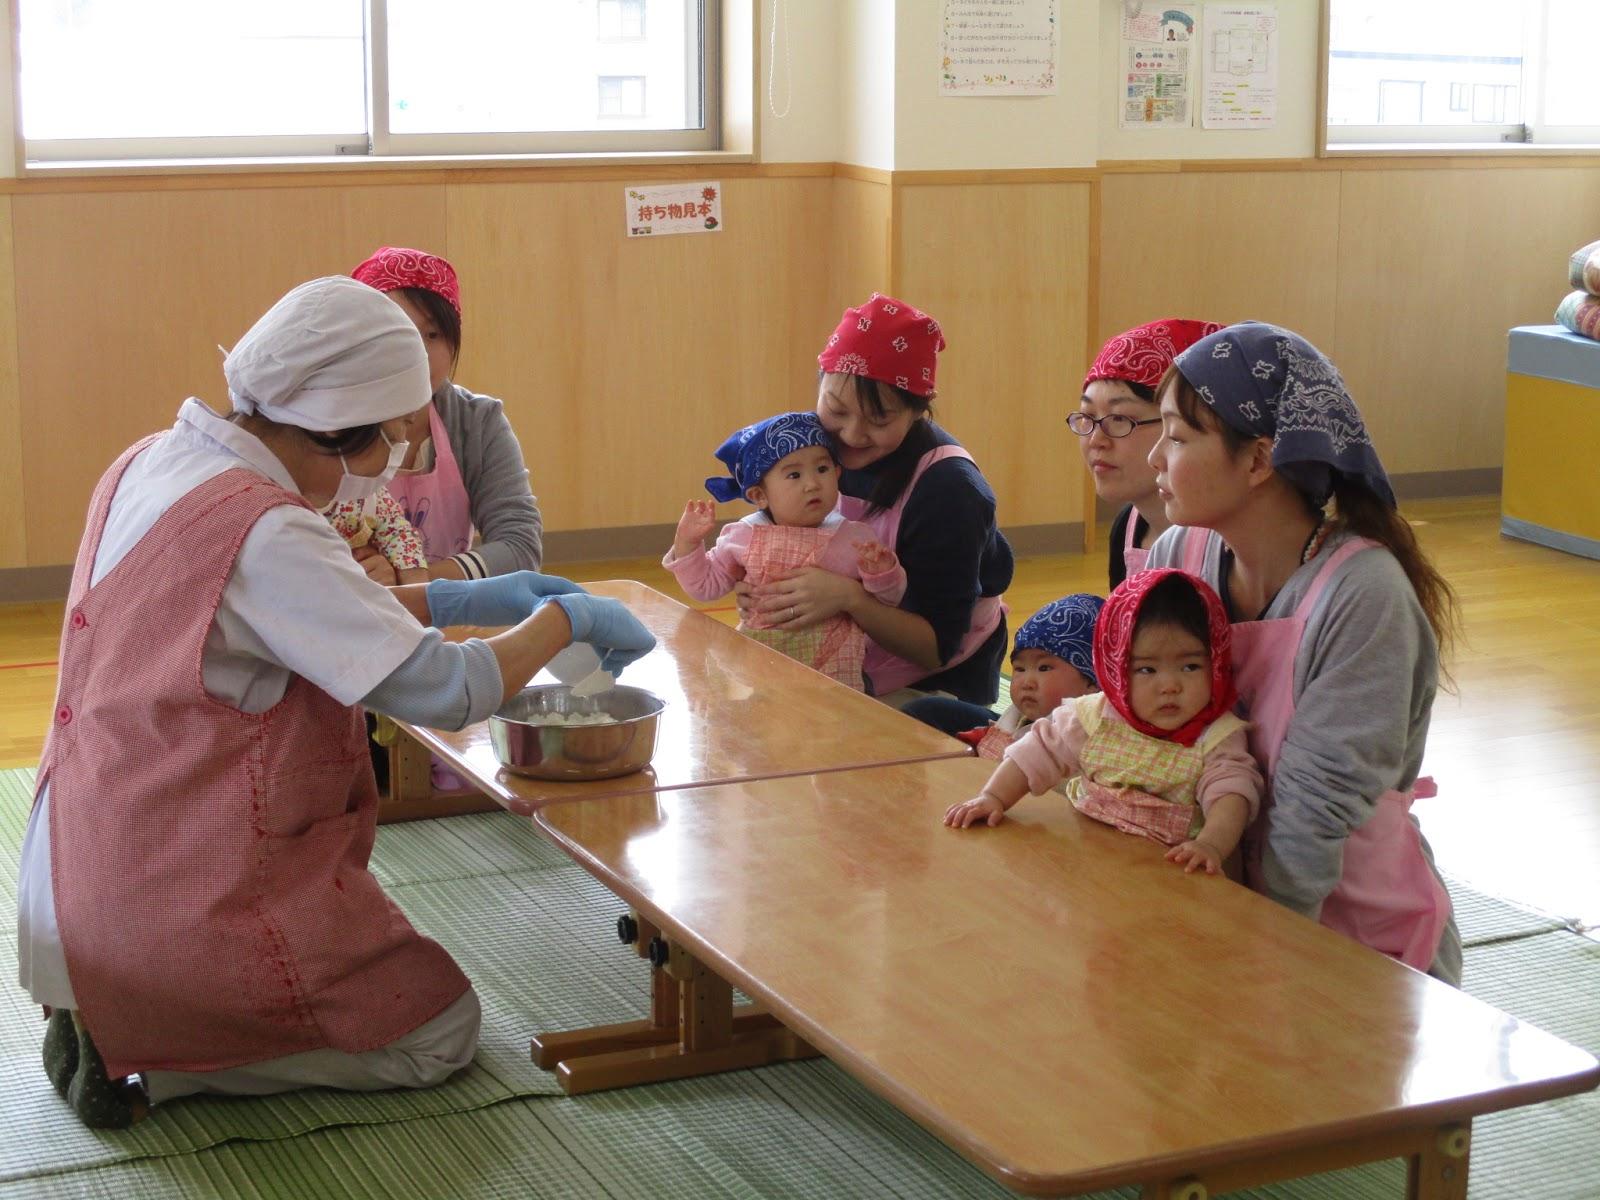 新潟県南魚沼市塩沢 わかば保育園: かわいいカップ寿司~地域子育て支援